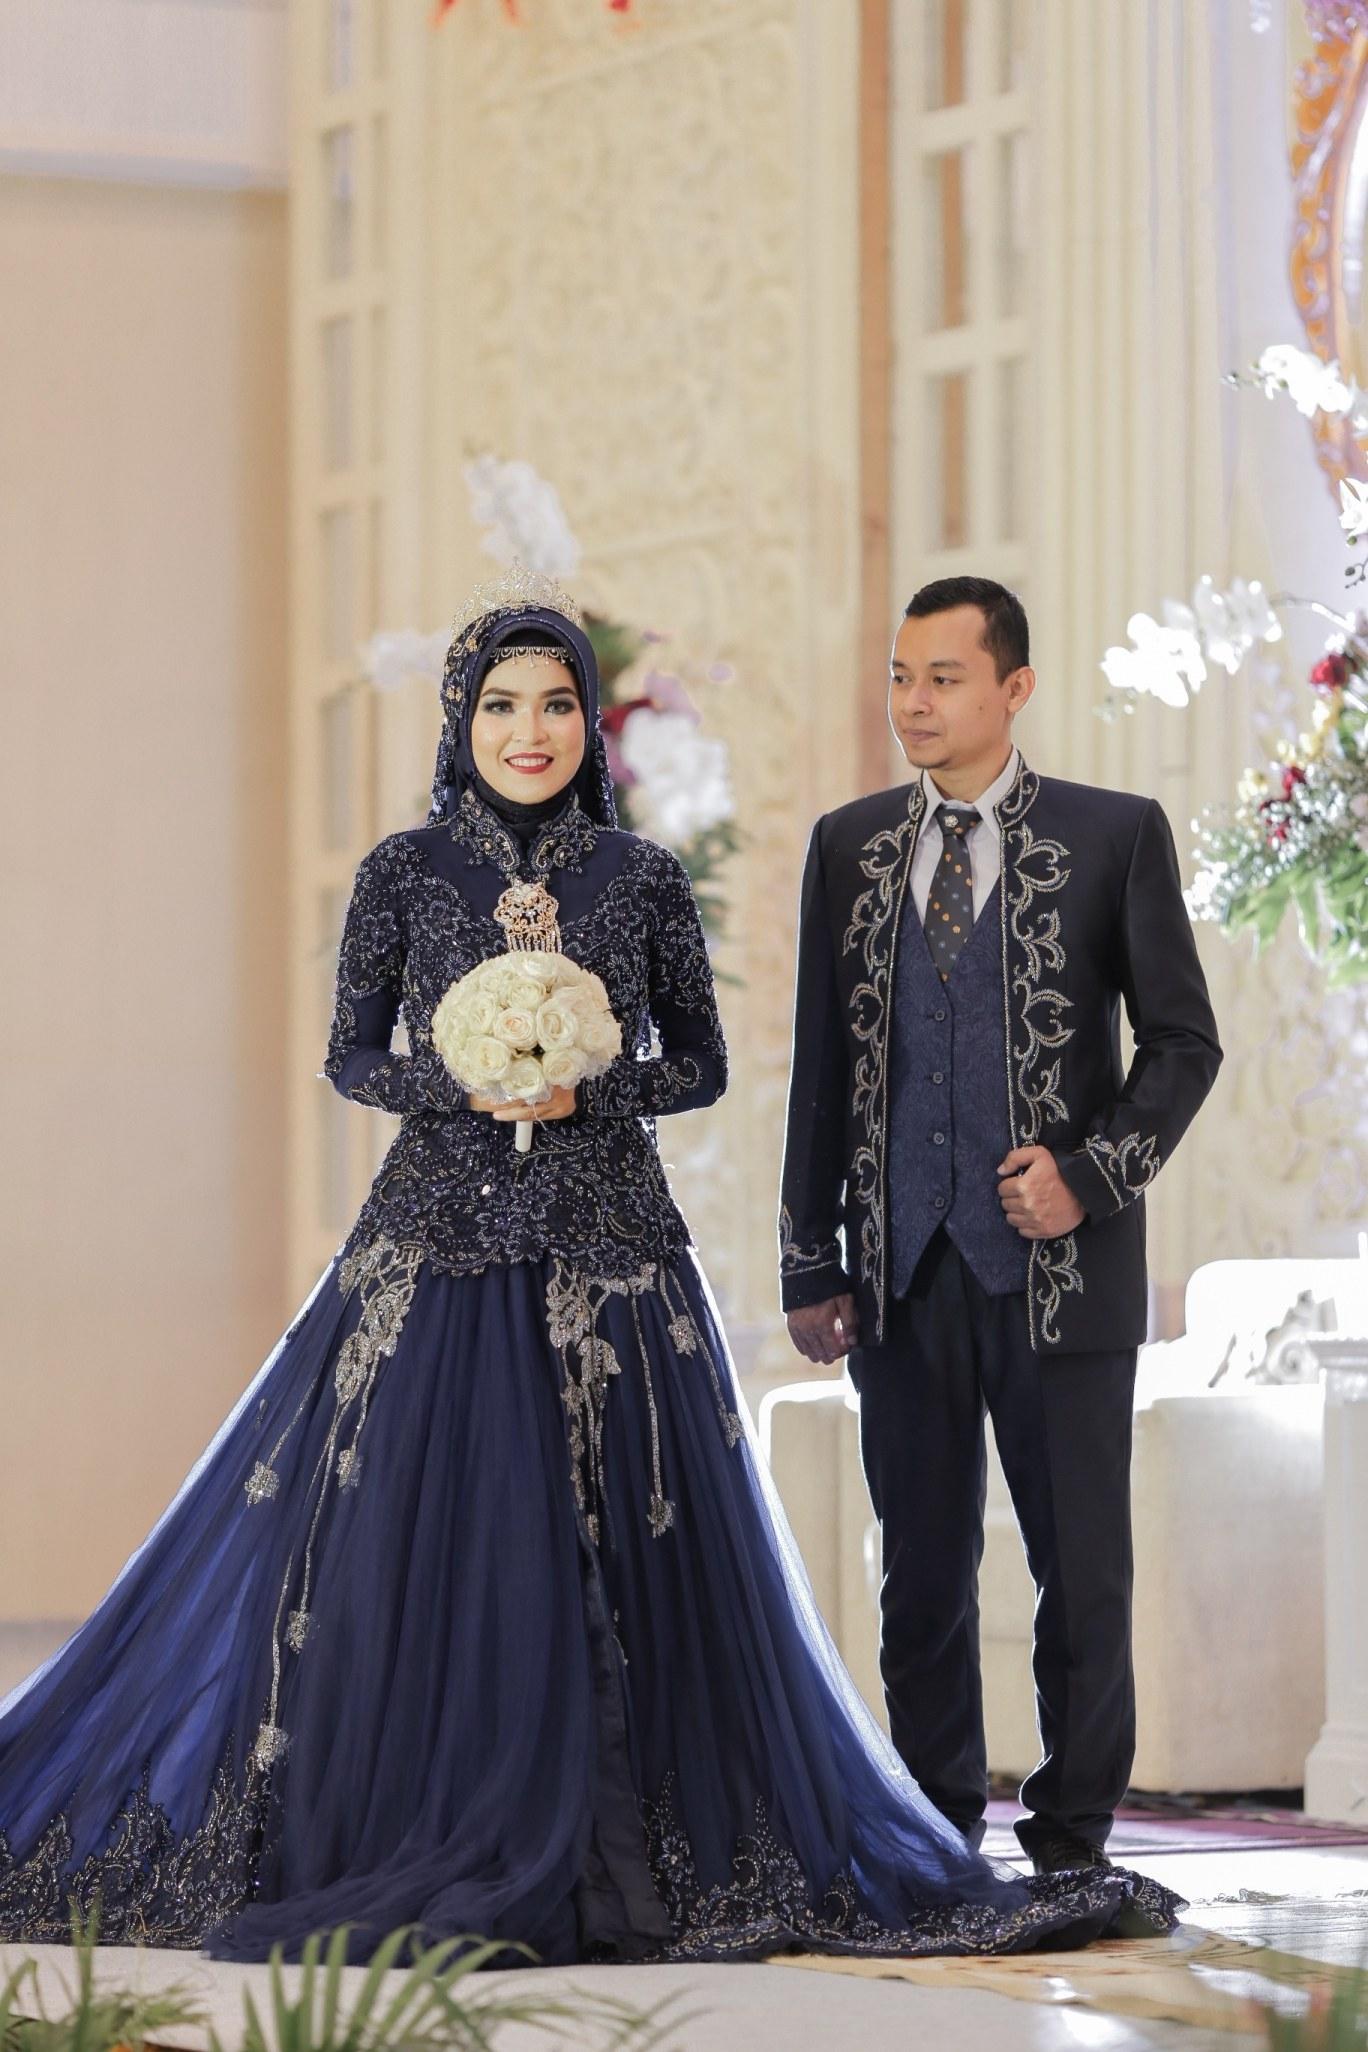 Inspirasi Harga Baju Pengantin Muslimah 8ydm 57 Contoh Baju Pengantin Navy Paling Keren Modelbaju